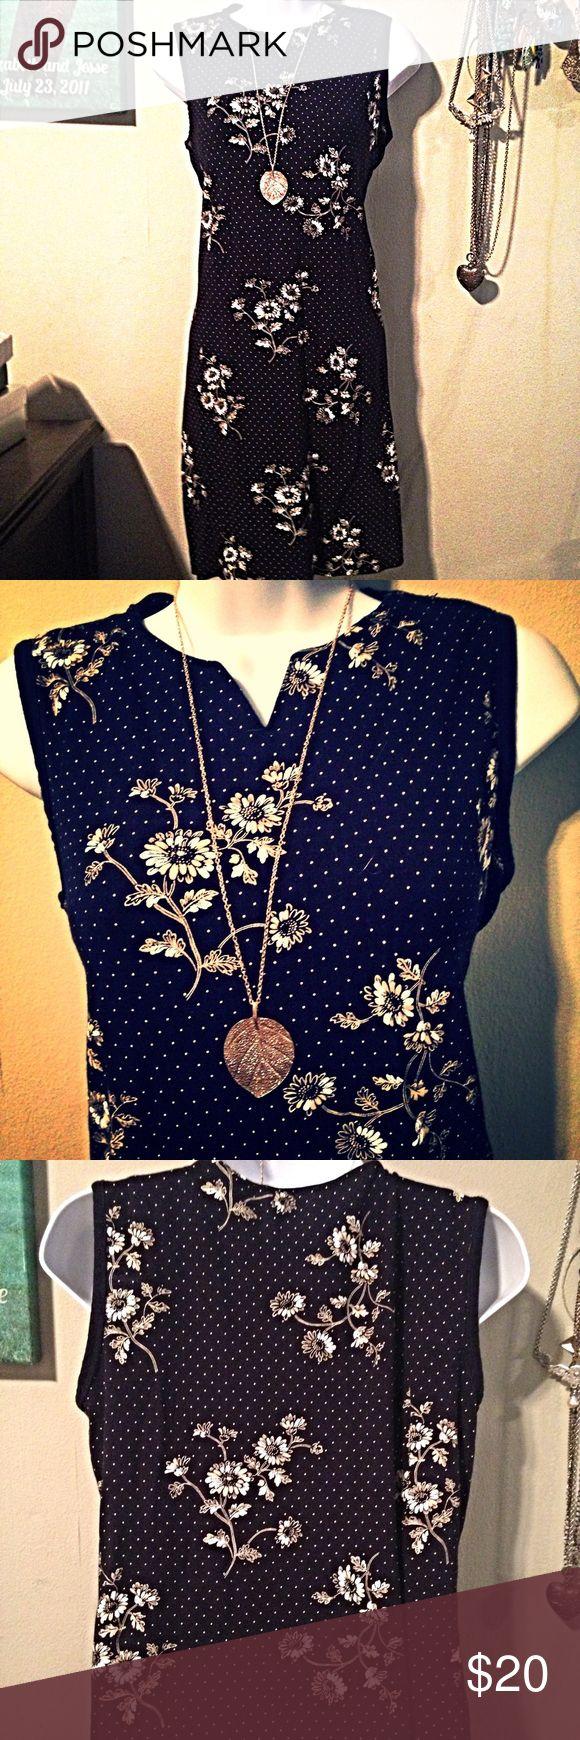 Liz Claiborne Flower and Polka Dot Dress Petite Dress. 33 inches long. Liz Claiborne Dresses Midi